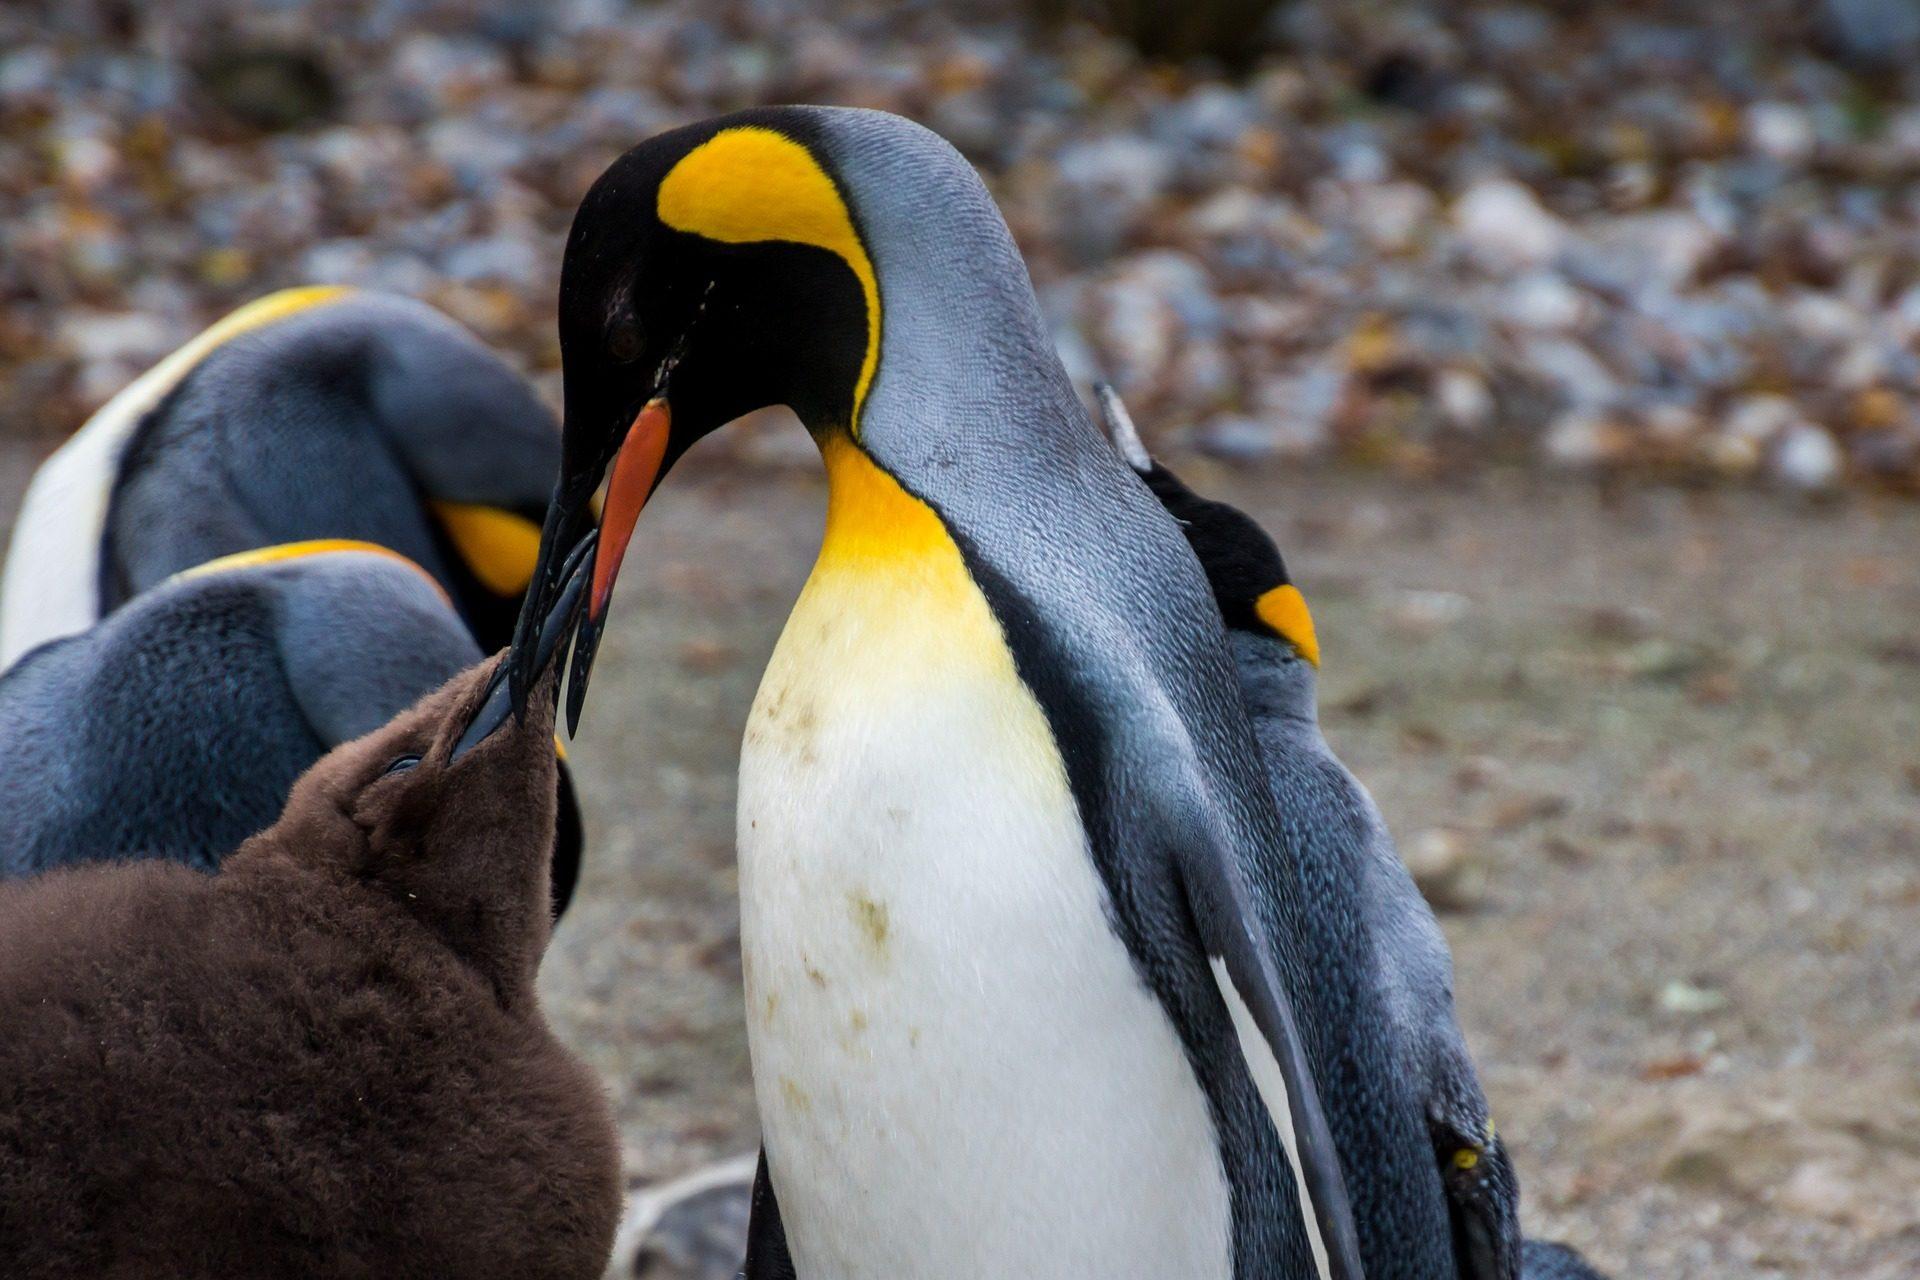 Πιγκουίνος, Αυτοκράτορας, Λ., Πόλοι, κρύο, χιόνι - Wallpapers HD - Professor-falken.com